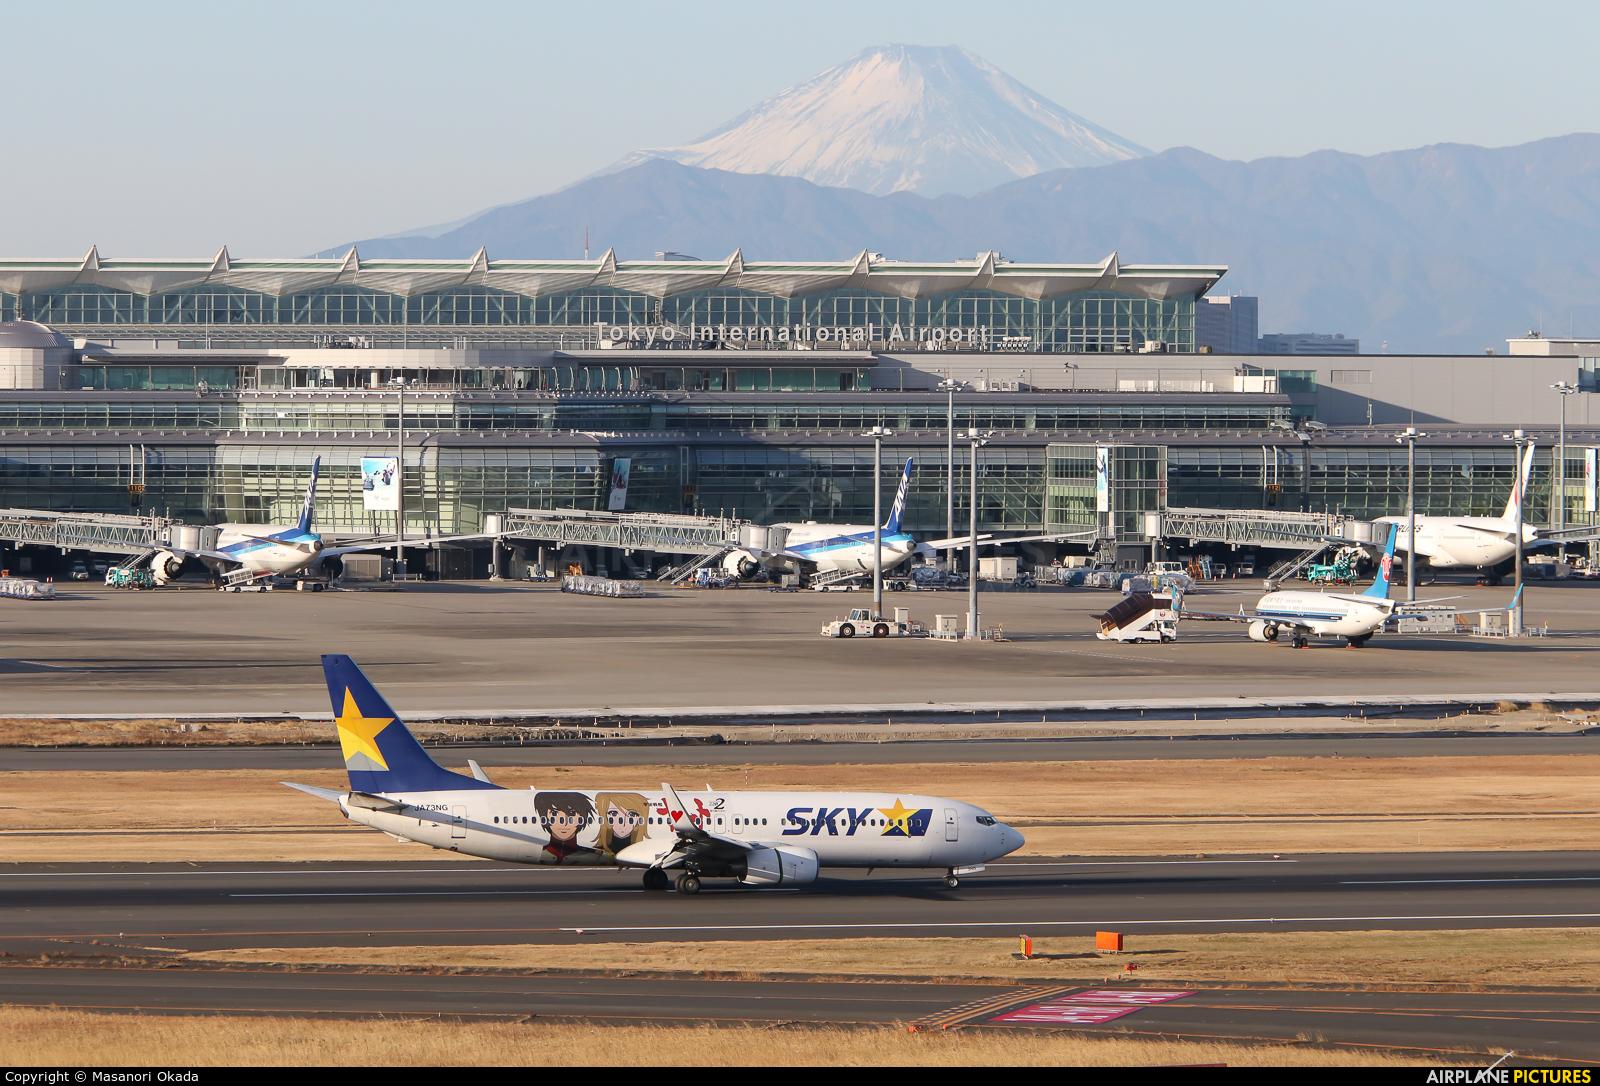 Skymark Airlines JA73NG aircraft at Tokyo - Haneda Intl